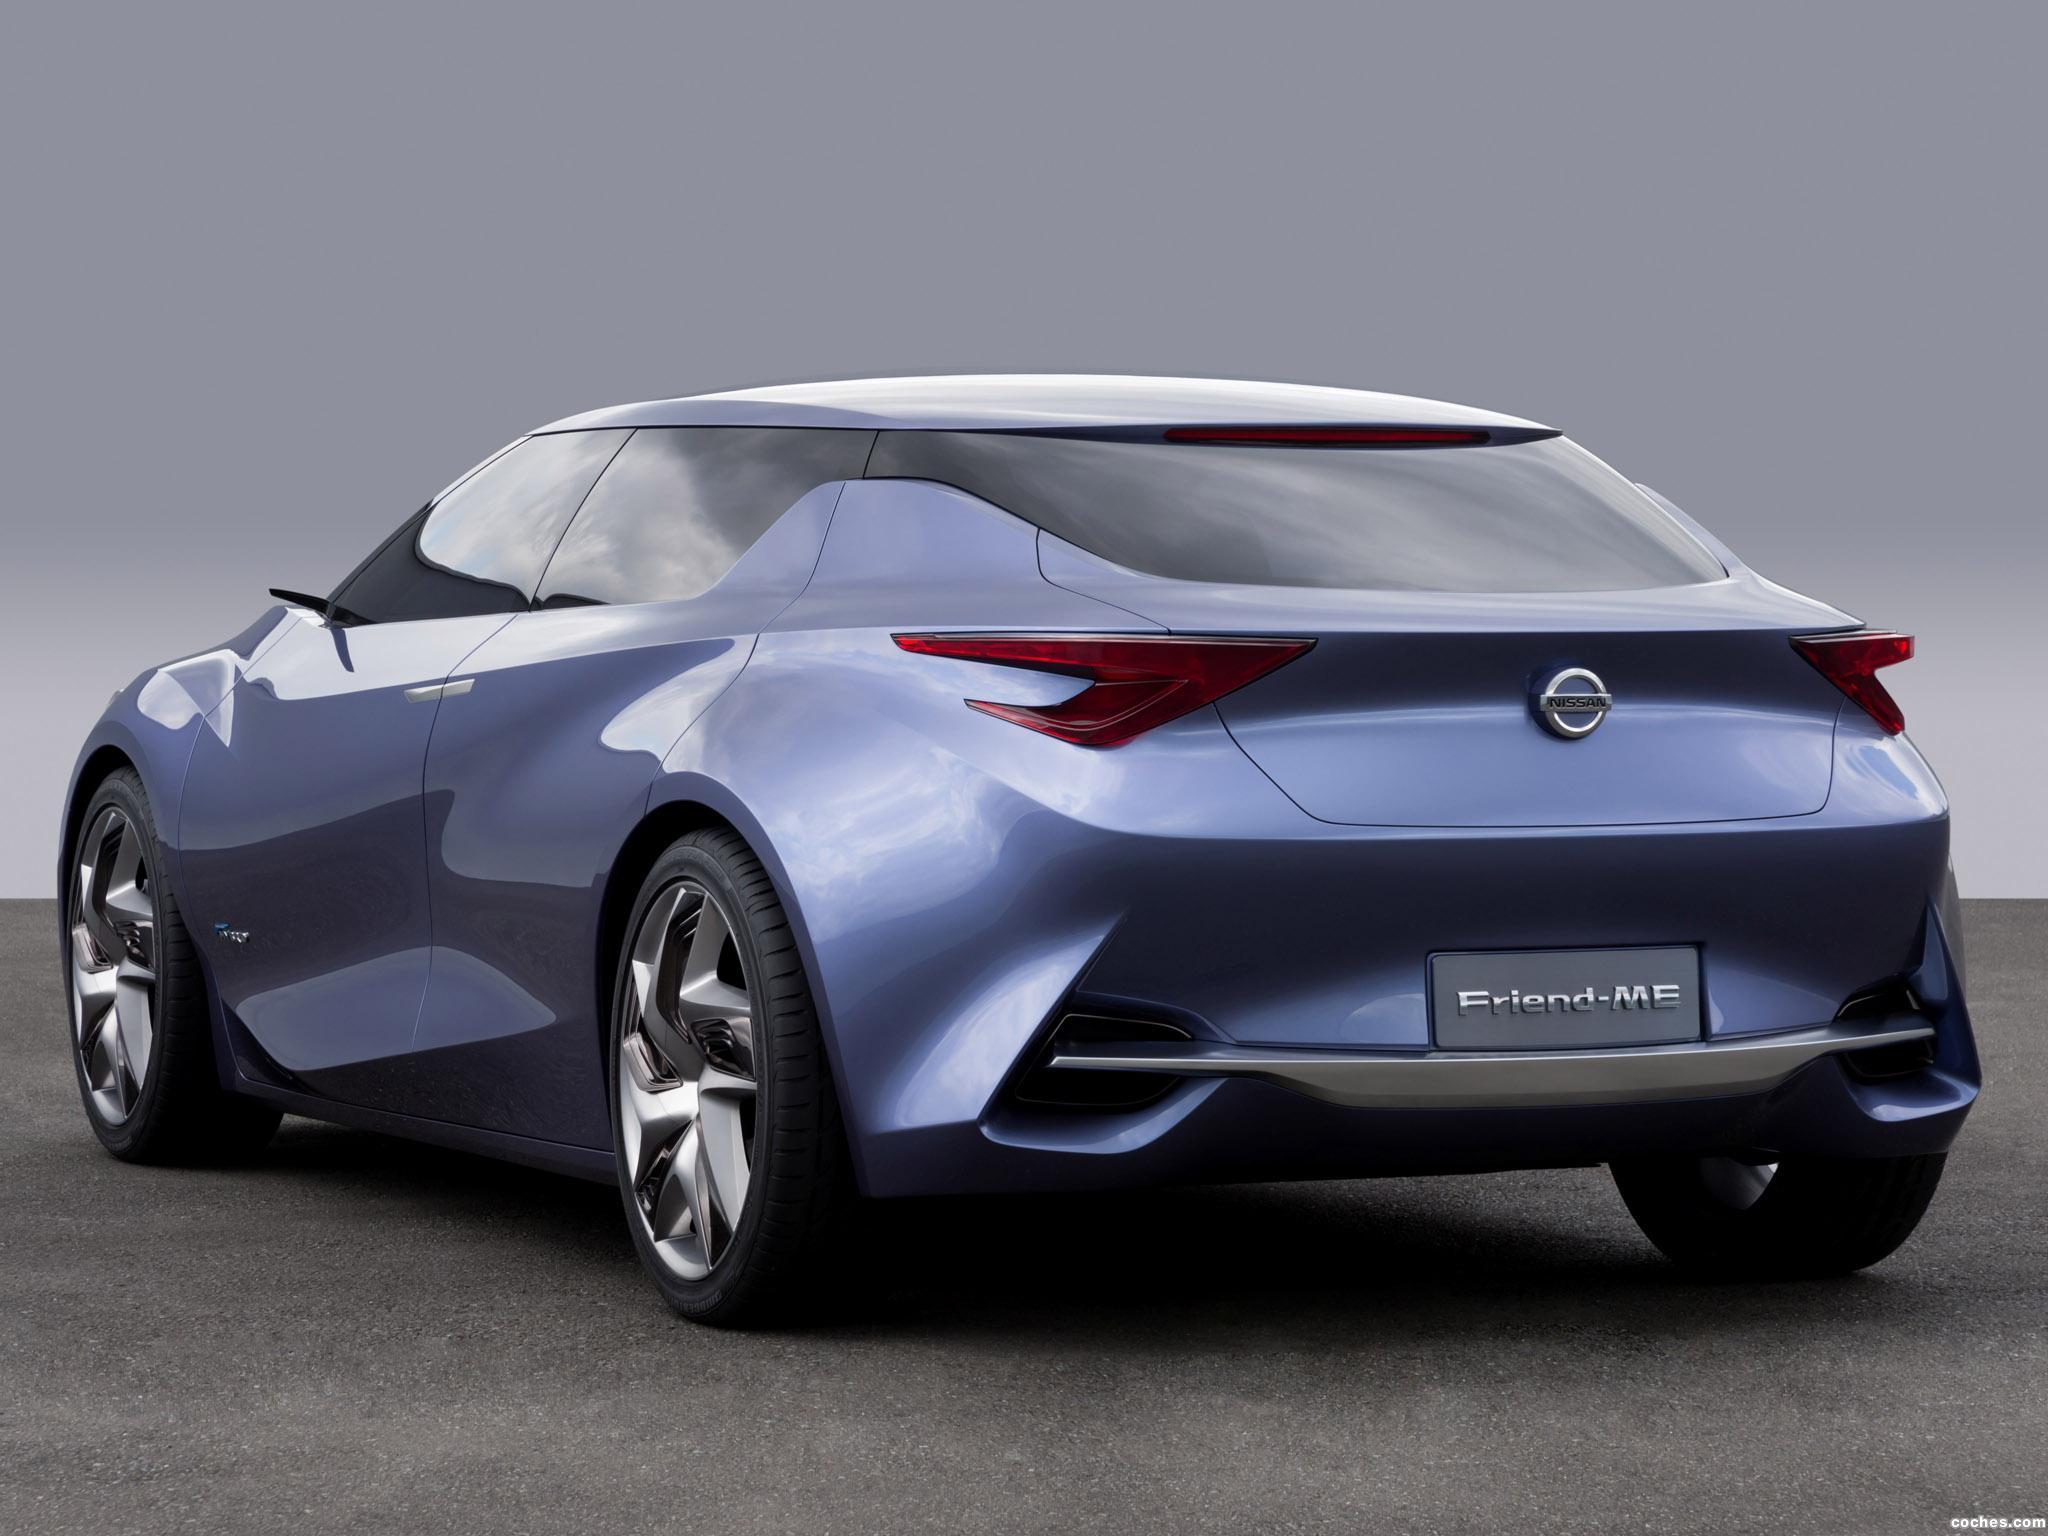 Foto 13 de Nissan Friend-ME Concept 2013